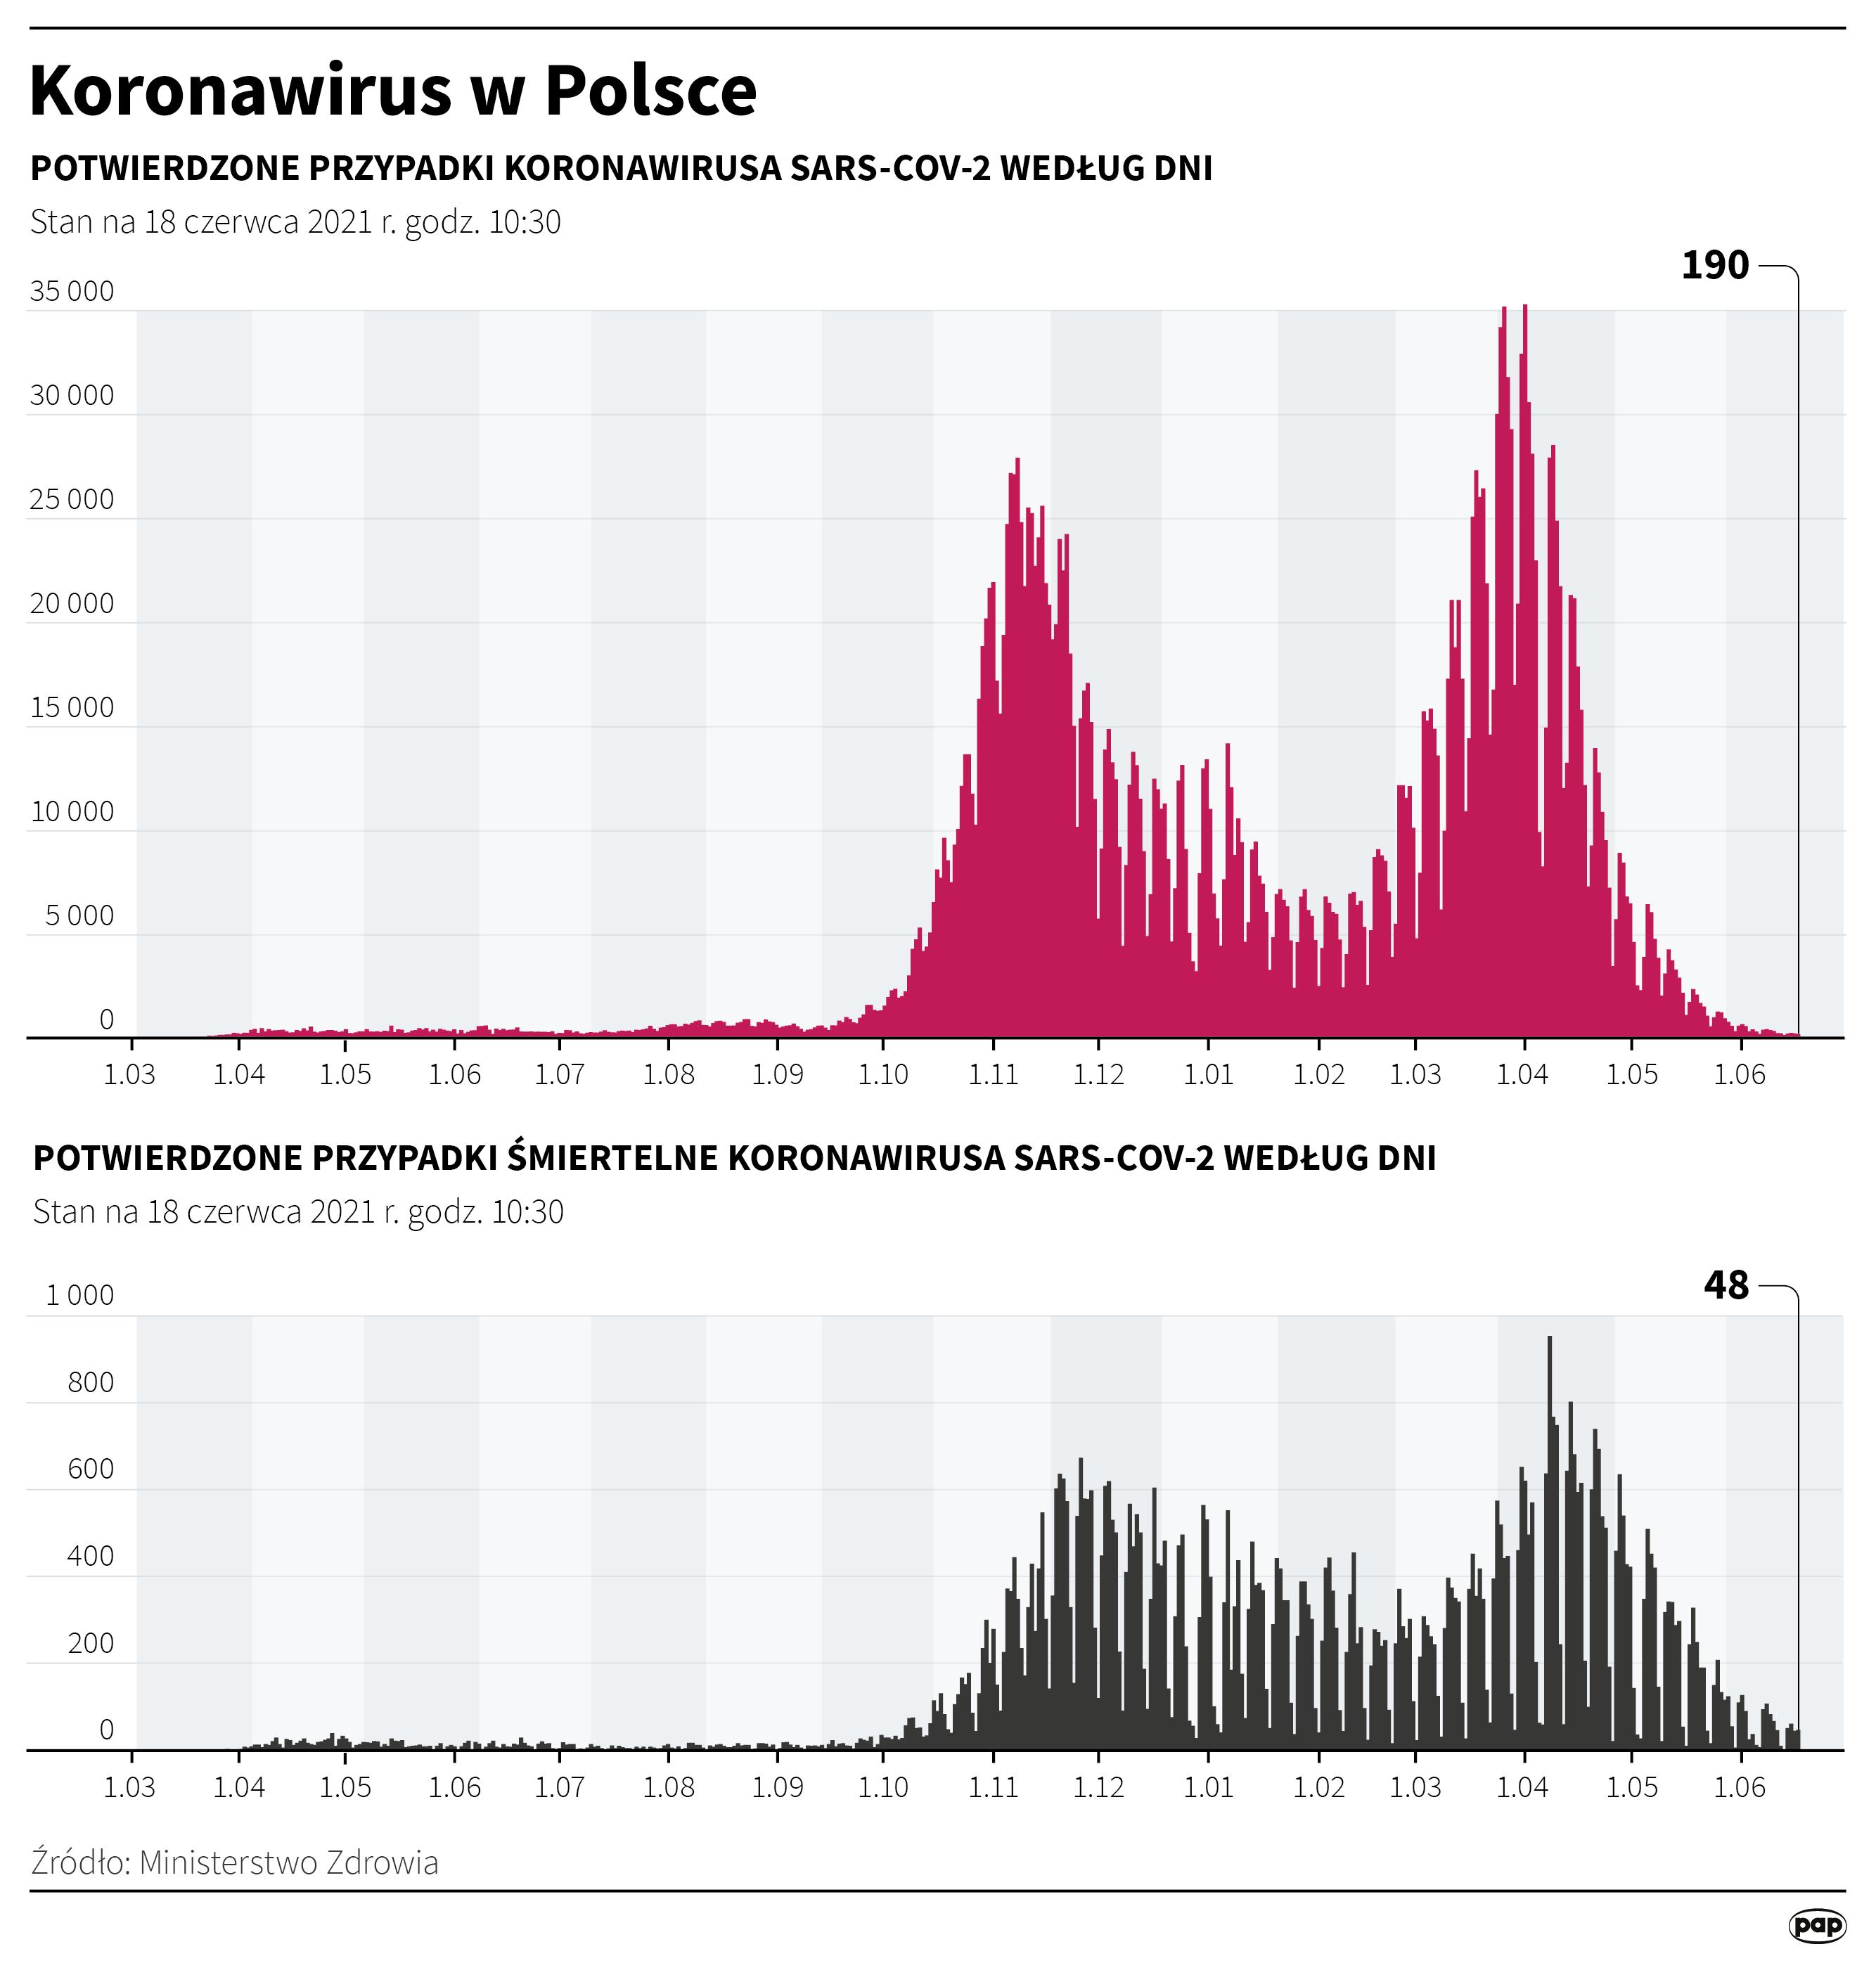 Koronawirus w Polsce - stan na 18 czerwca [Autor: Maria Samczuk, źródło: PAP]